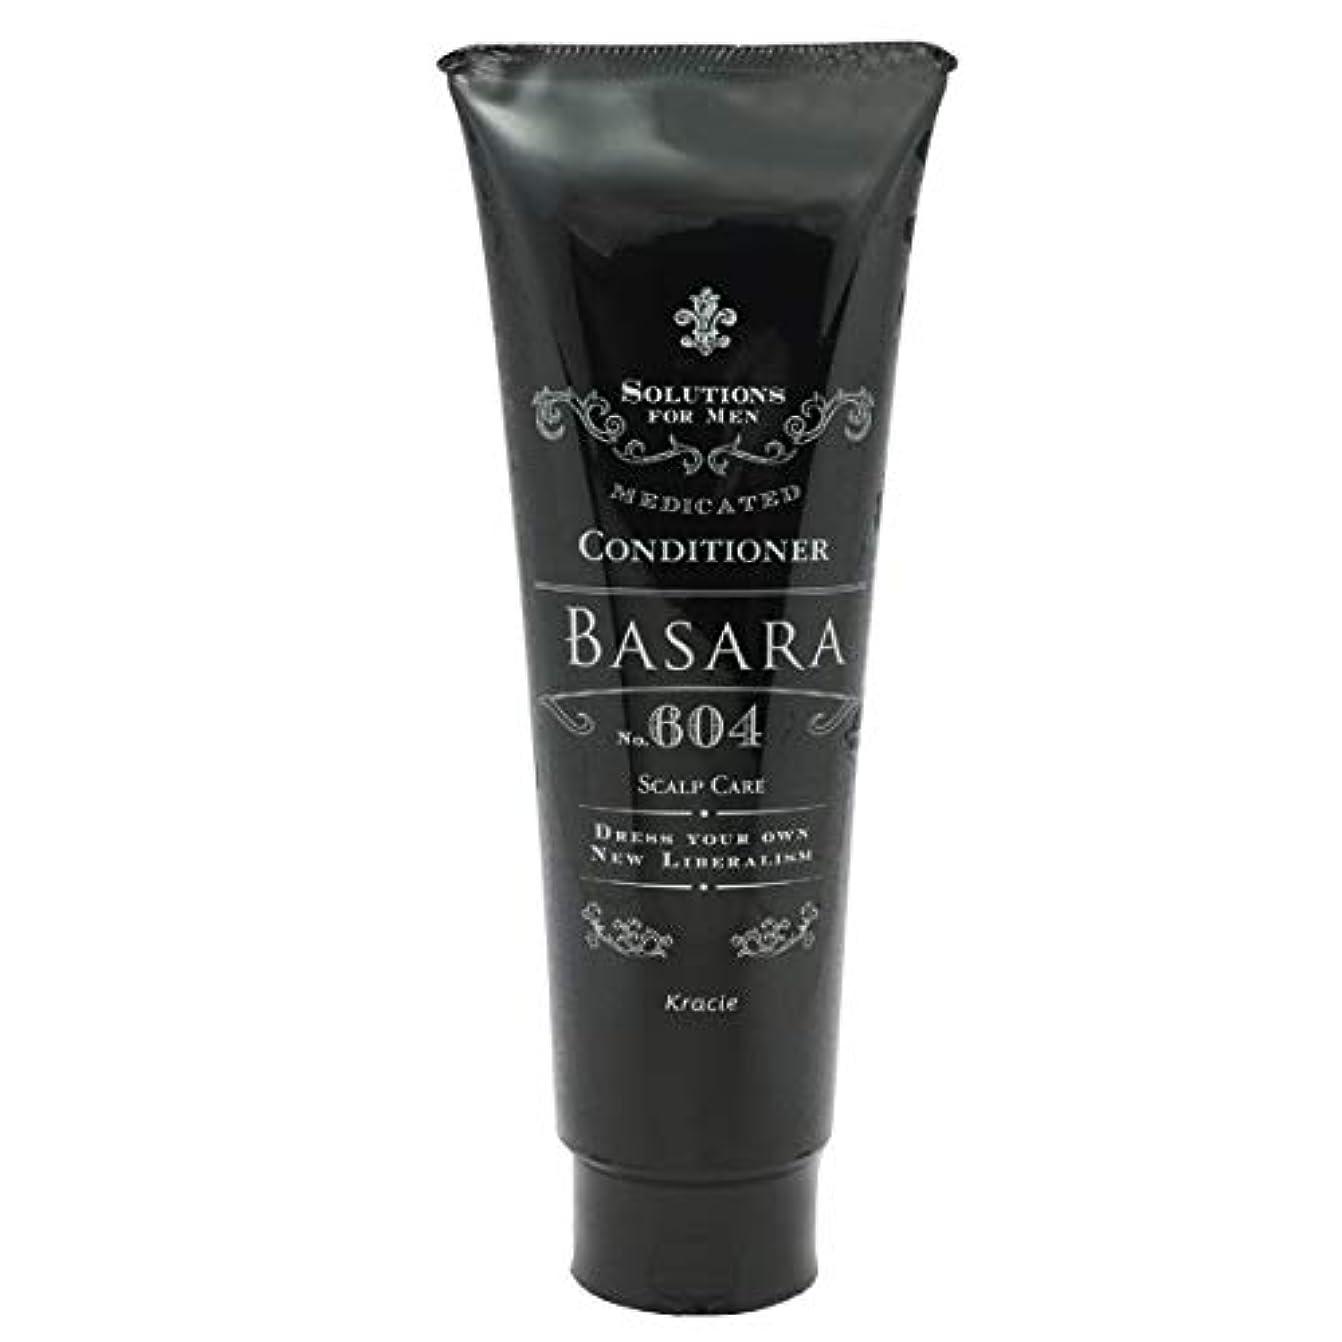 警告するカバレッジ促すサロンモード(Salon Mode) クラシエ バサラ 薬用スカルプ コンディショナー 604 250g